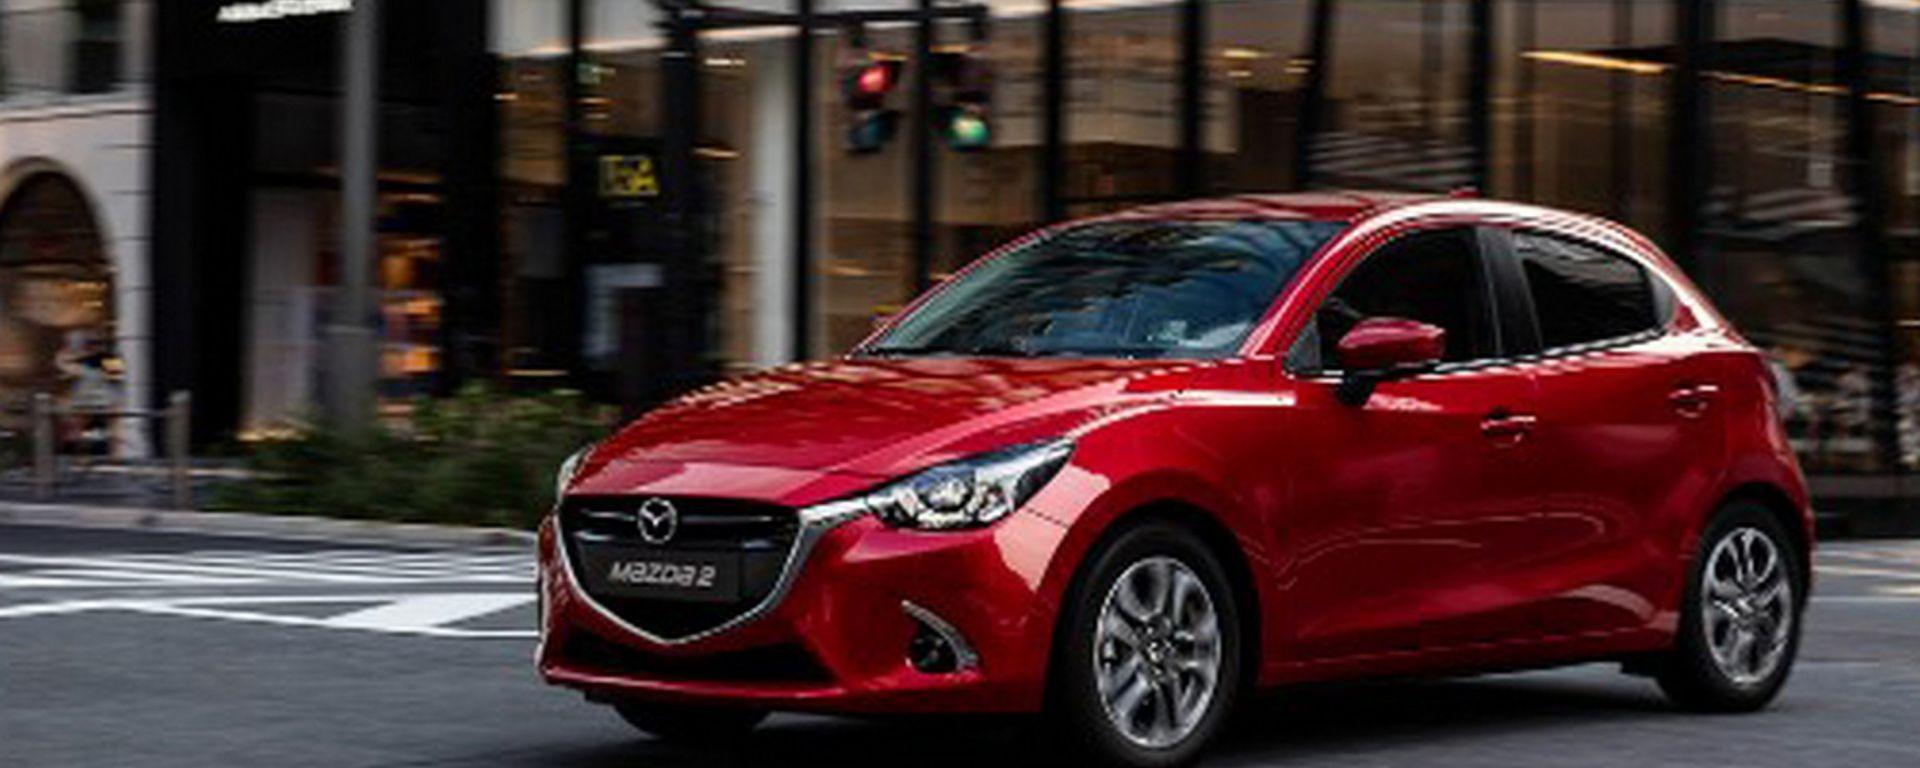 Mazda2 model year 2017: poche modifiche, prezzi da 14.050 euro